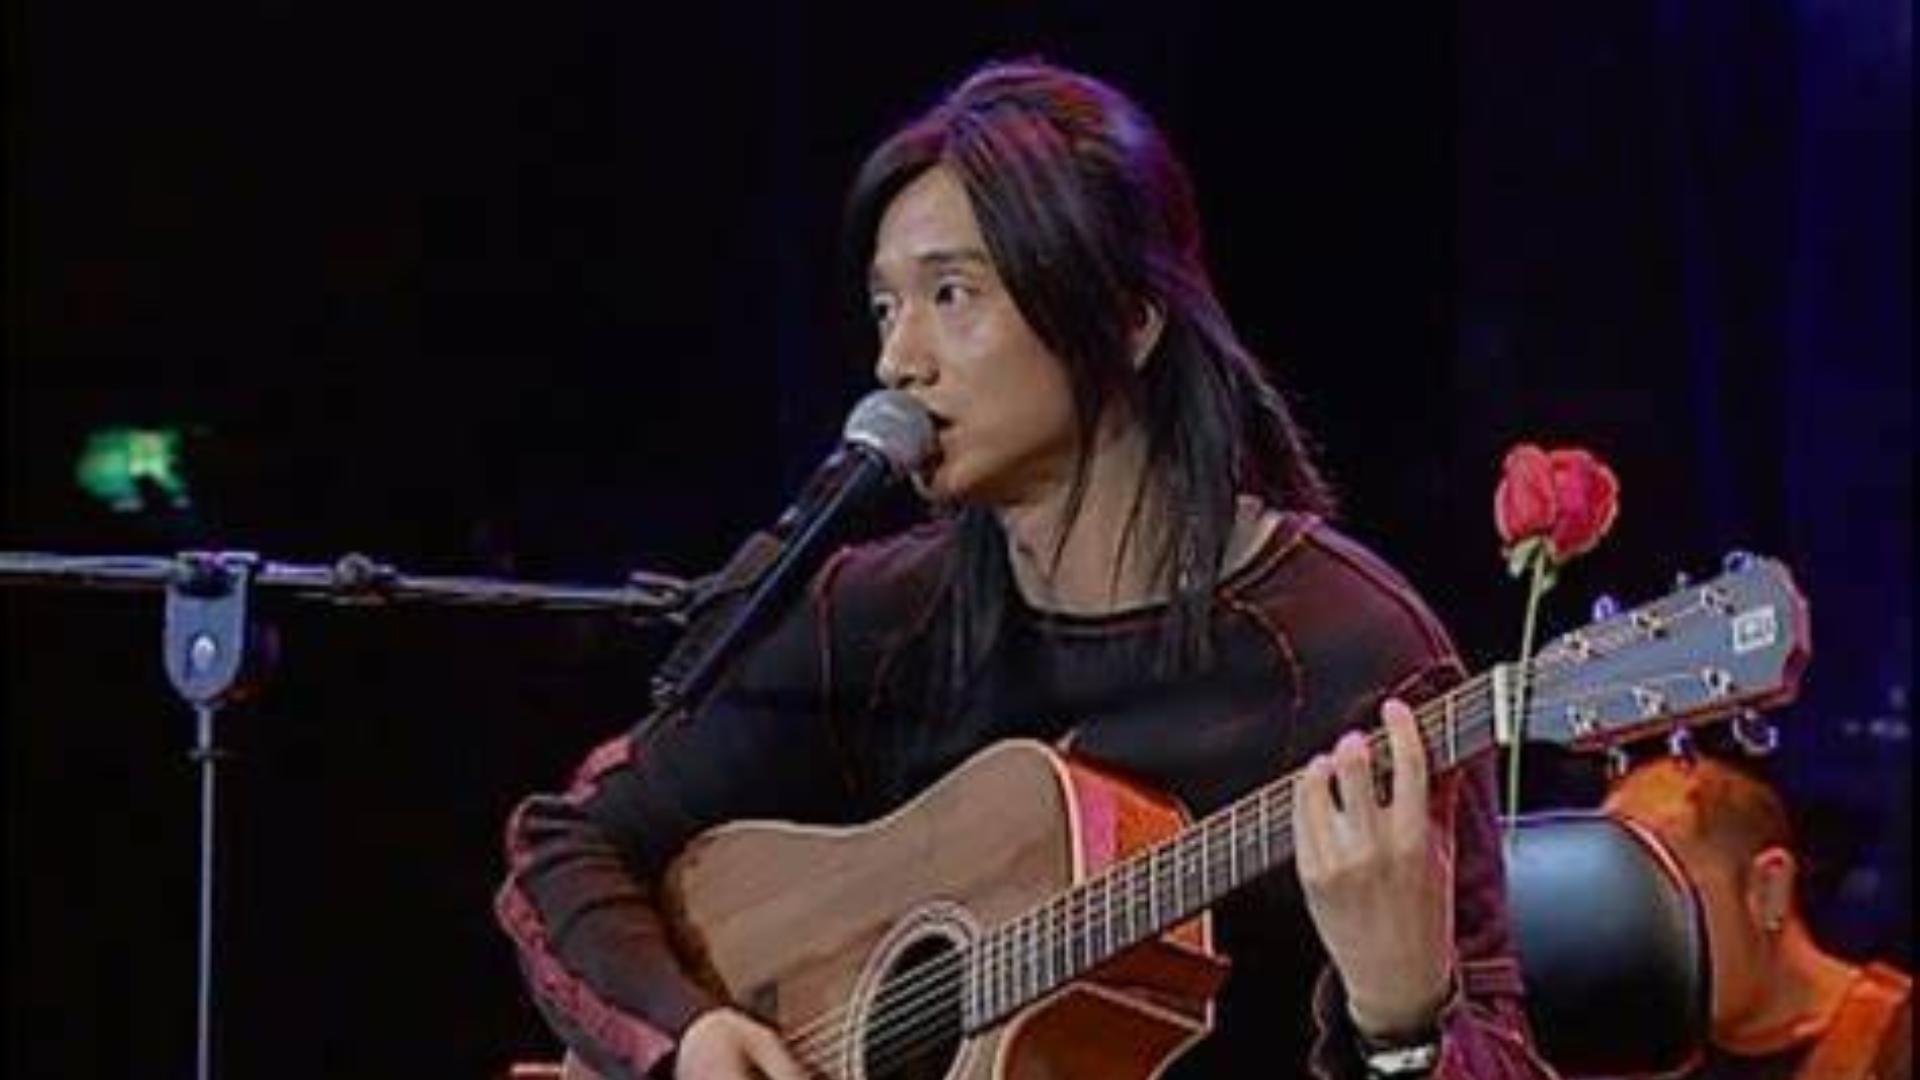 高旗&超载乐队 --《如果我现在死去》(生命之诗Unplugged现场)